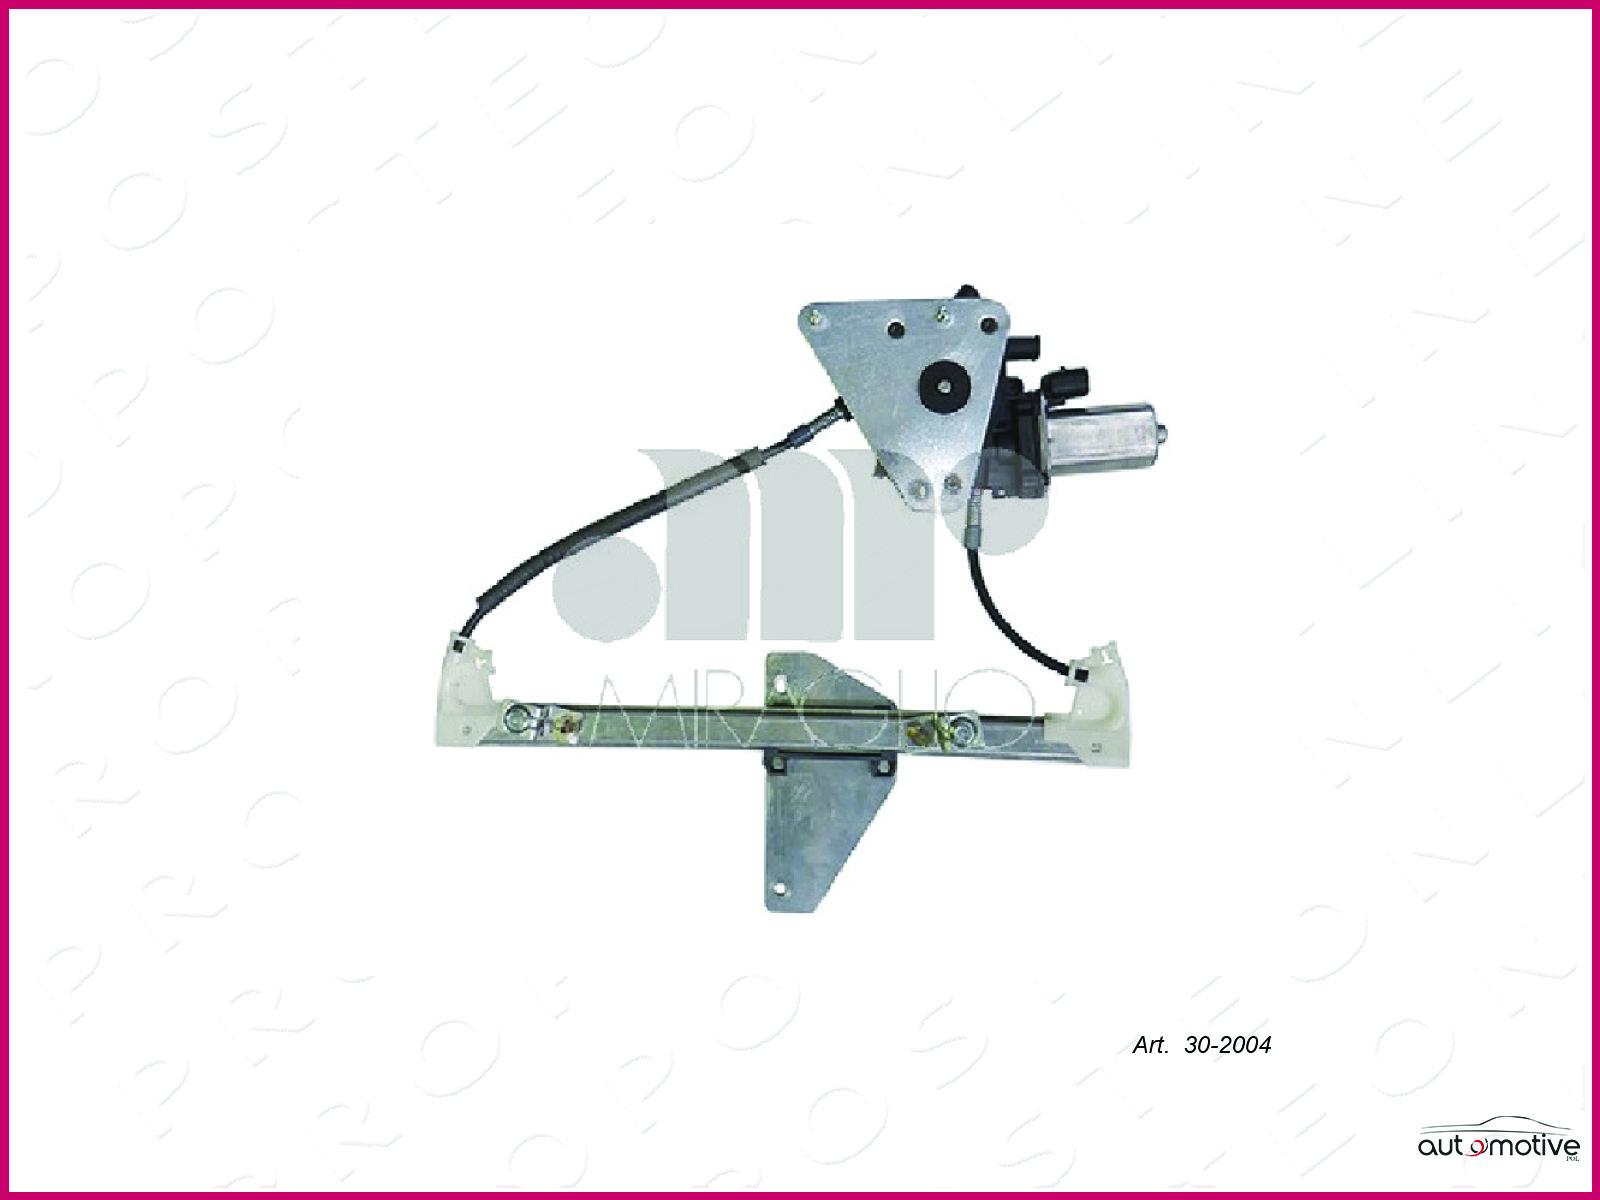 Leve-vitre-Vitres-Electriques-Electrique-Arriere-Dx-Dr-DR1-5-Portes-2009-2014